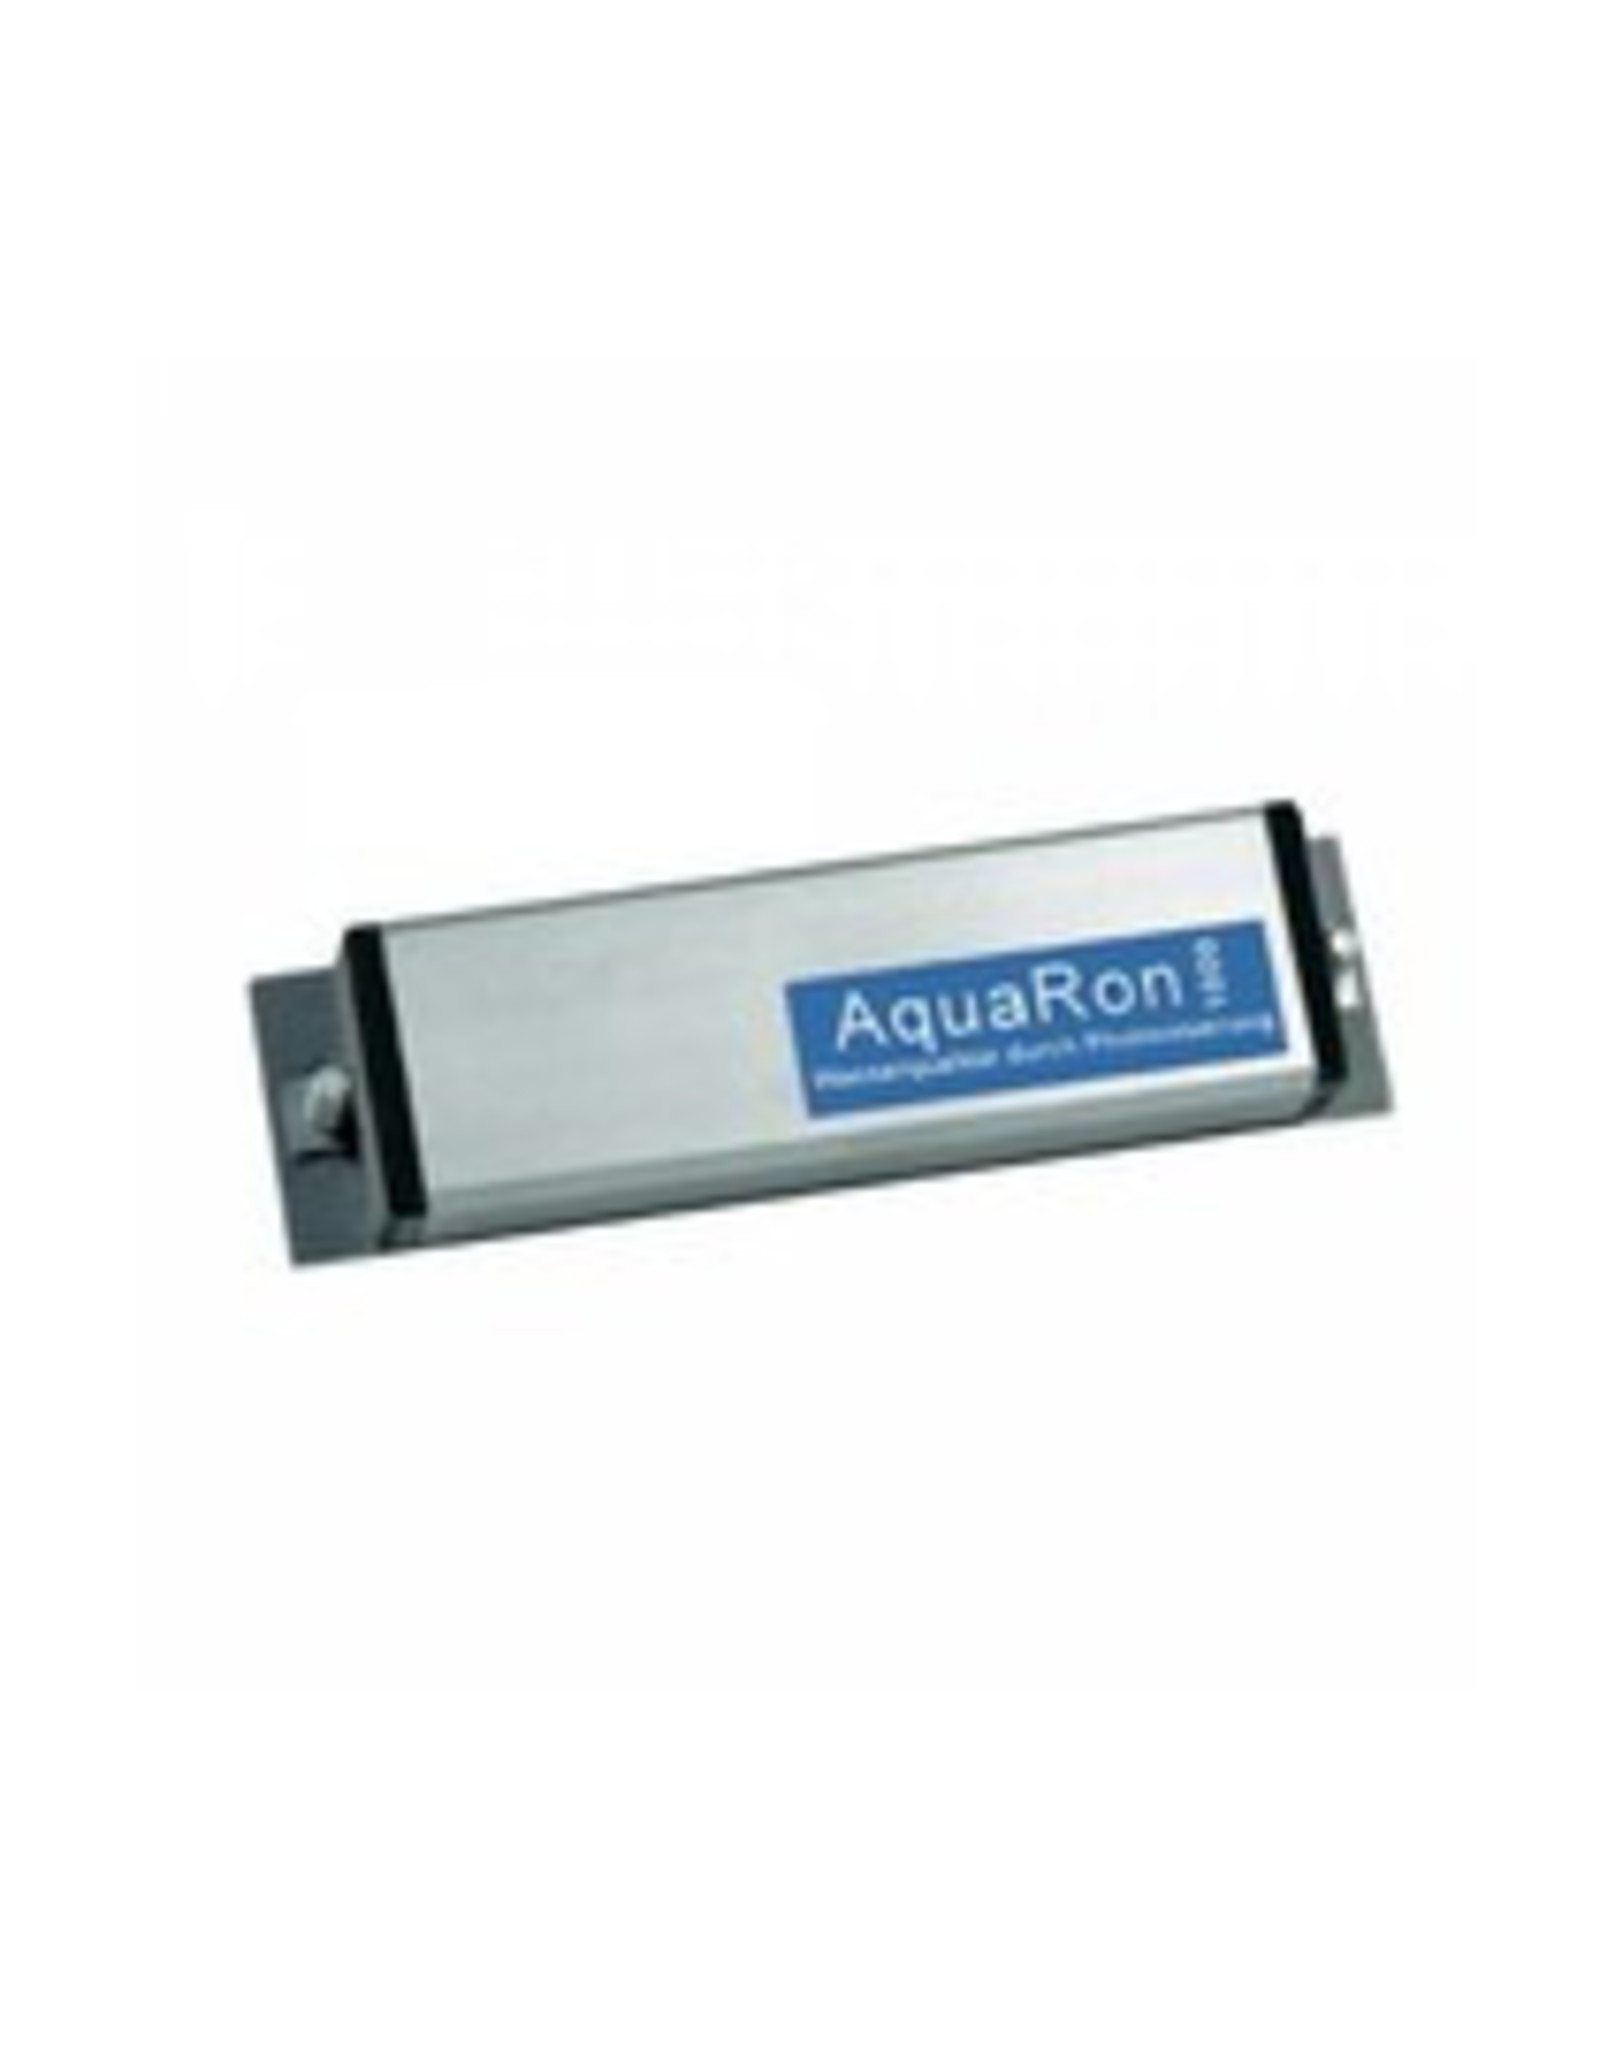 AquaRon 1000 Wasservitalisierung